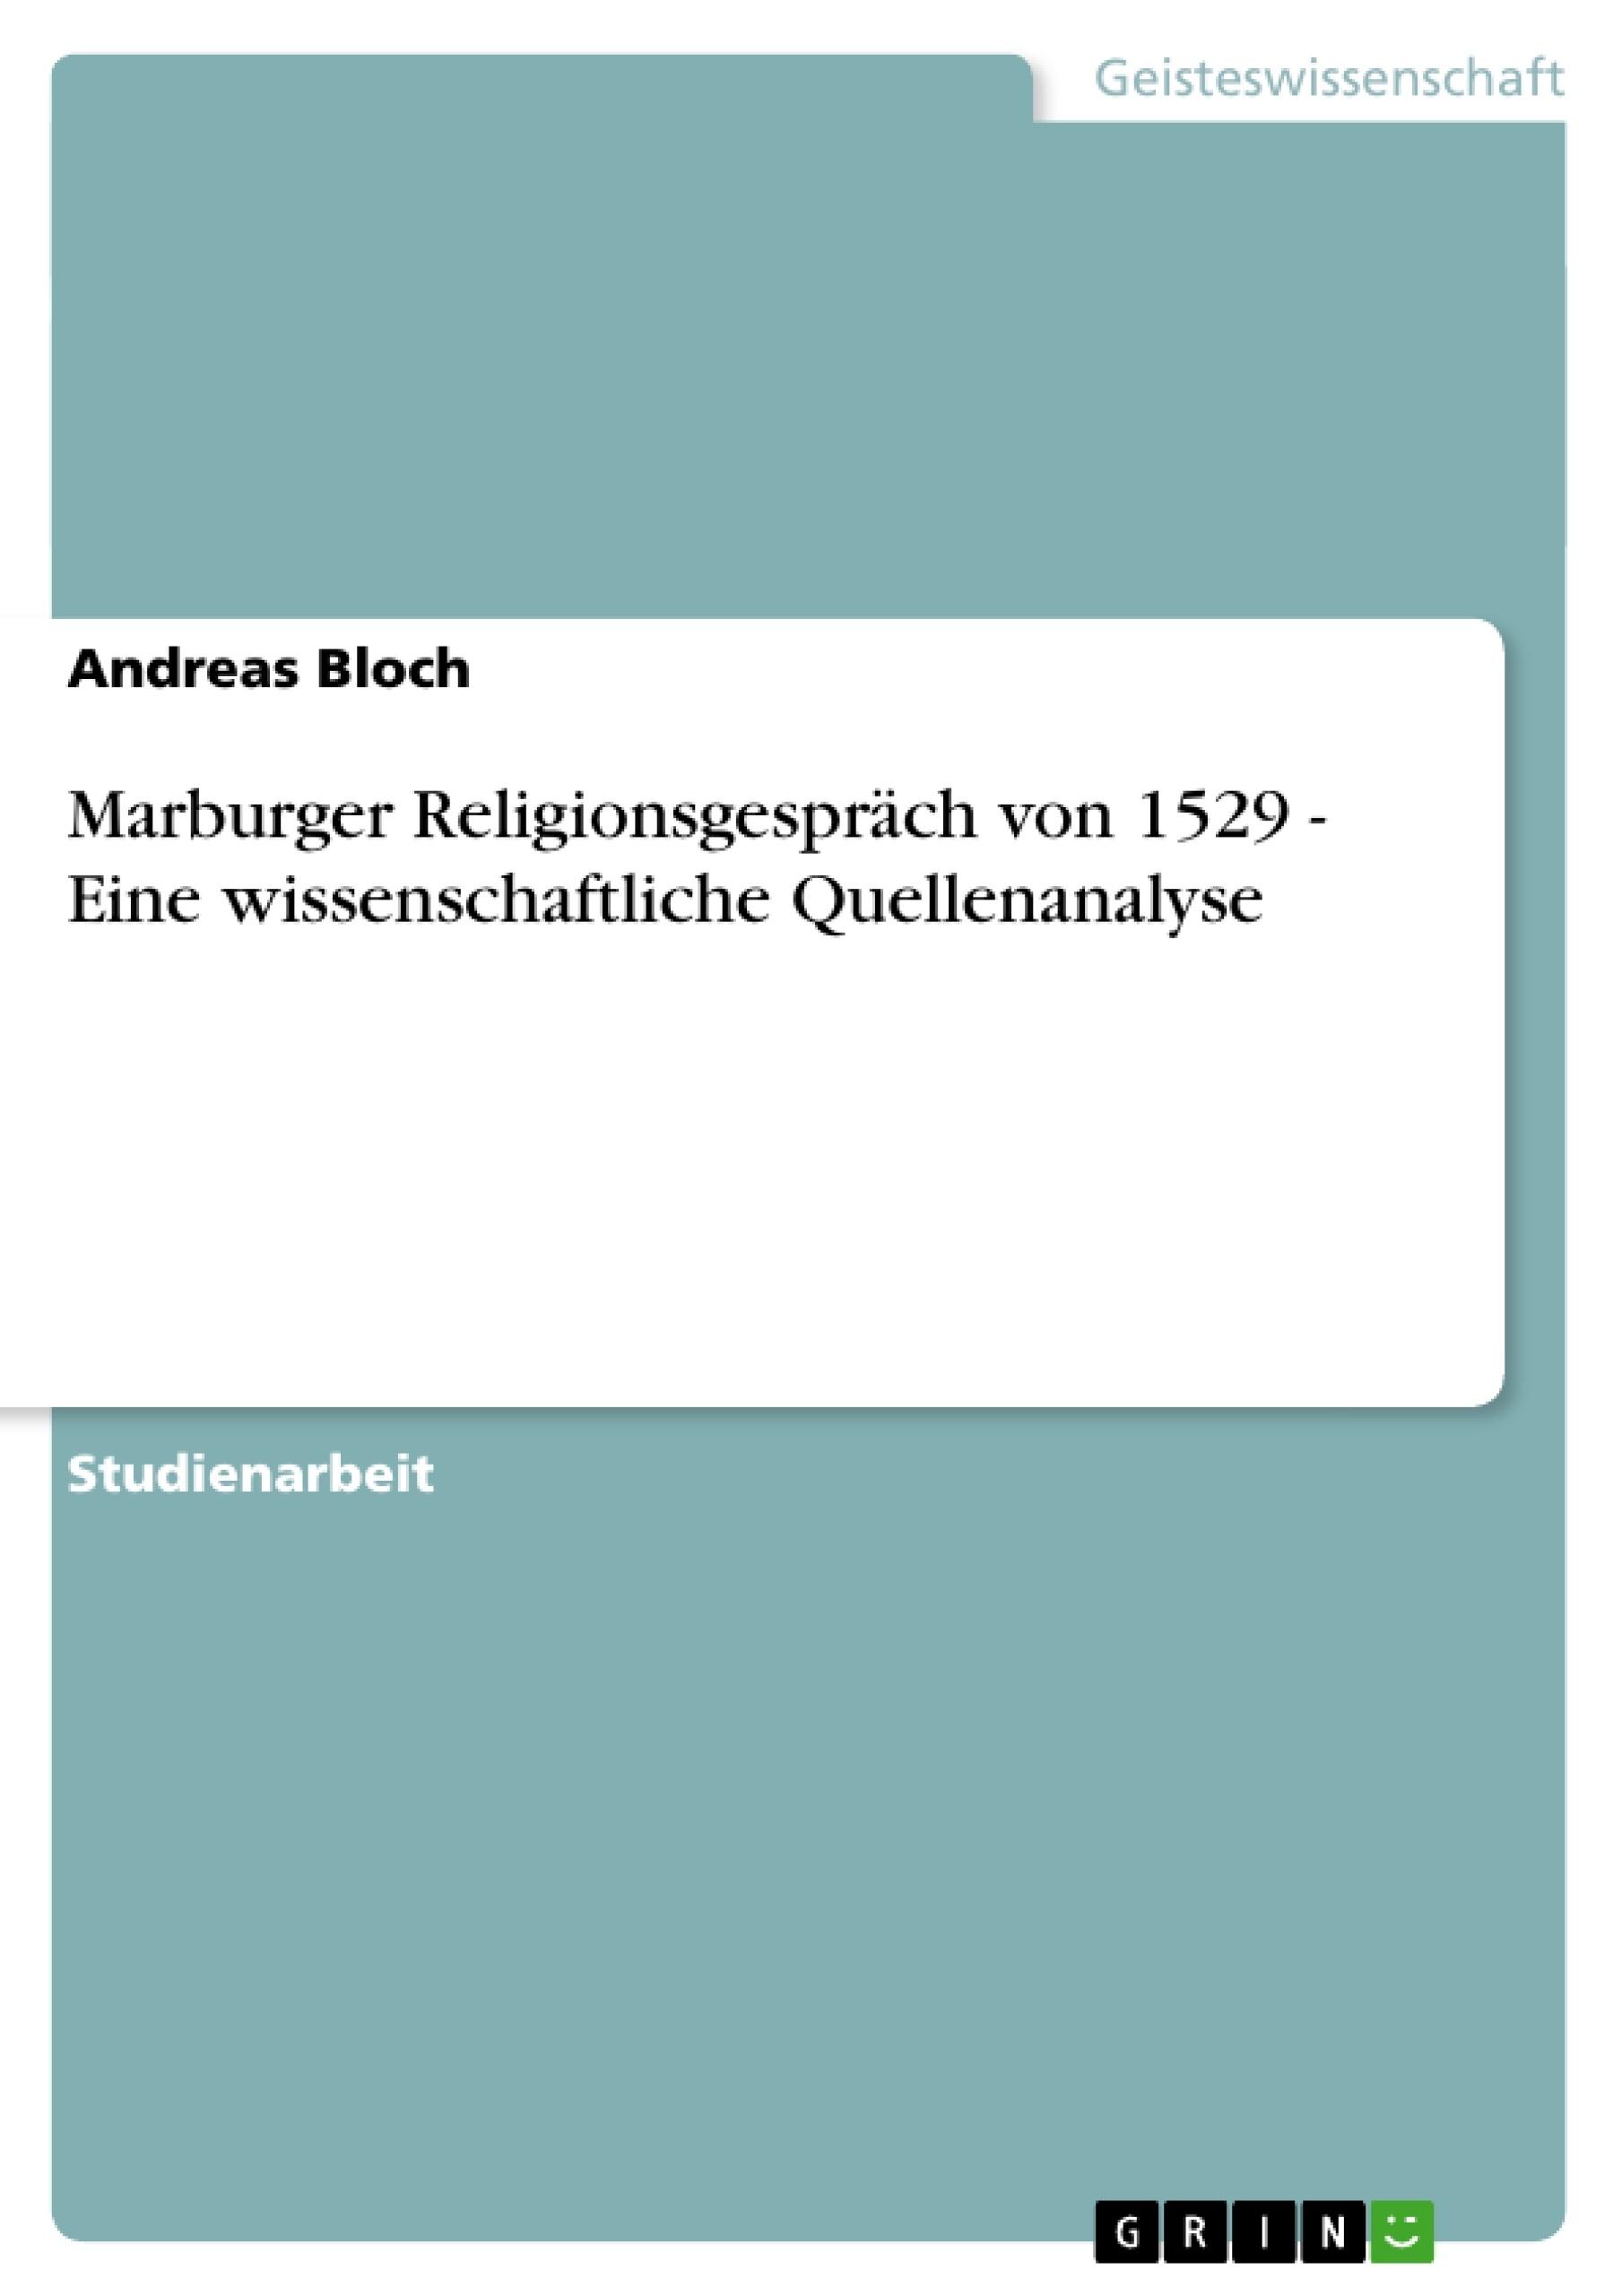 Titel: Marburger Religionsgespräch von 1529 - Eine wissenschaftliche Quellenanalyse